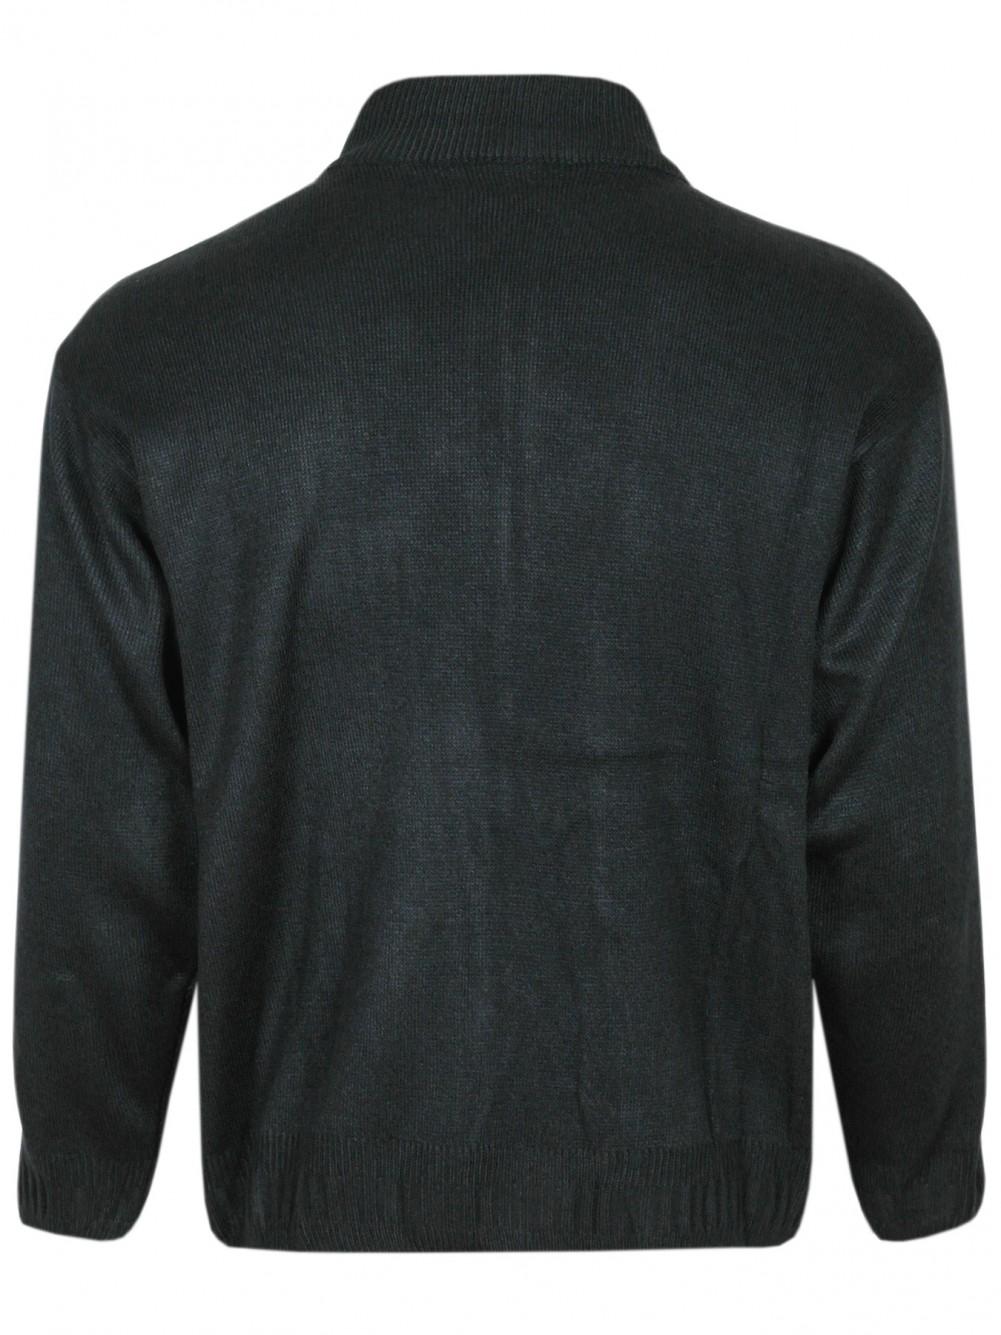 Herren Strickjacke melierter Cardigan mit Zipper und Stehkragen - Black/Hinteransicht